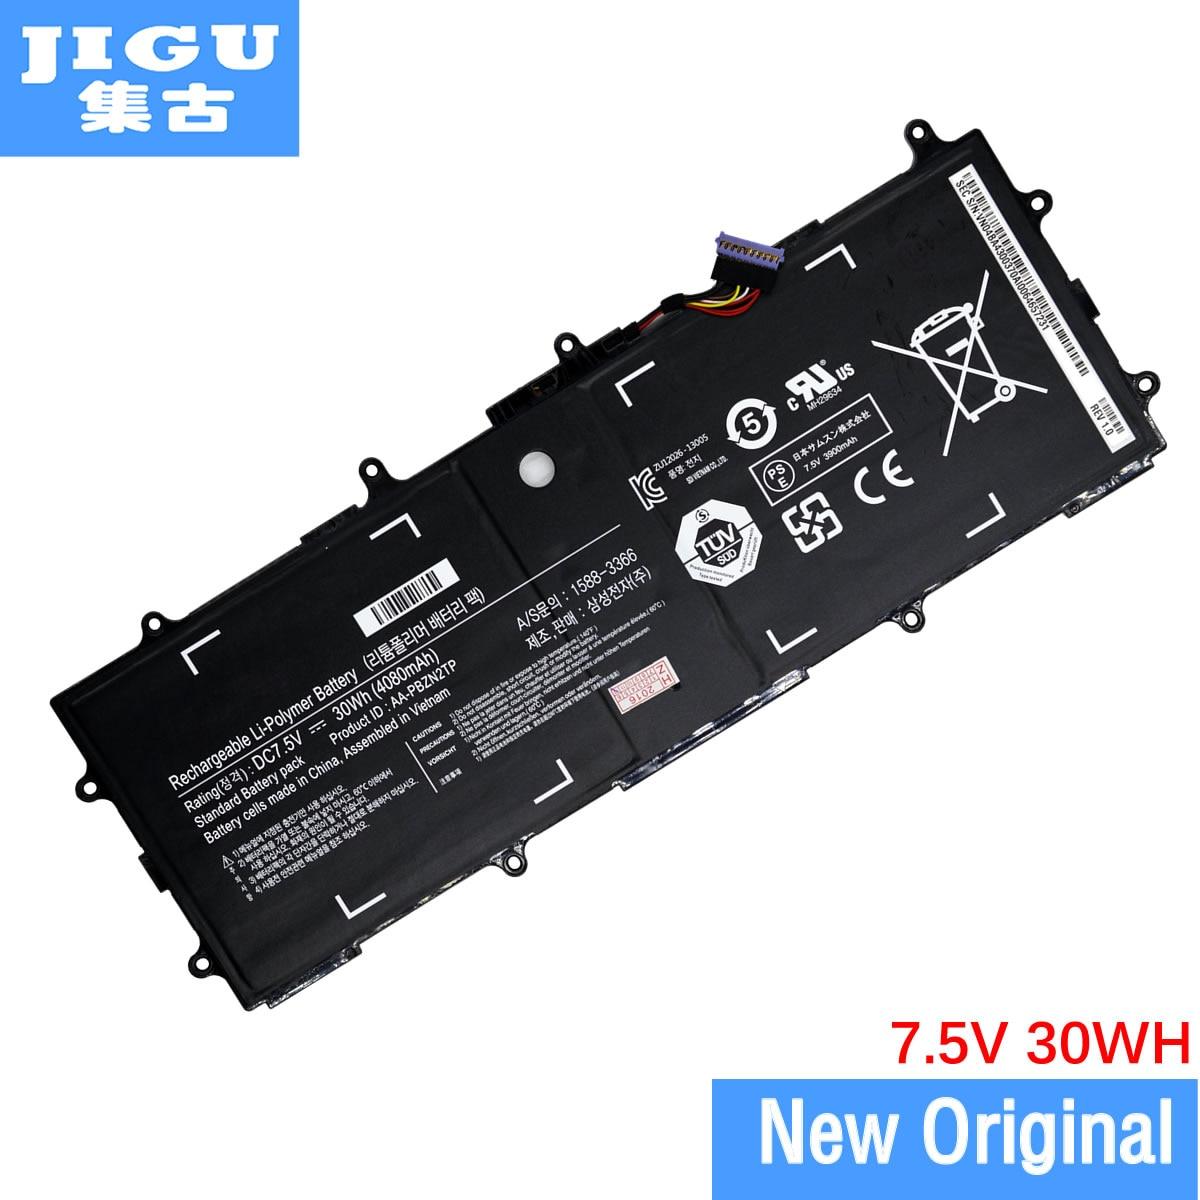 JIGU AA-PB2N2TP AA-PBZN2TP բնօրինակ դյուրակիր մարտկոց SAMSUNG 905S3G 910S3G 915S3G XE303C12 համար Chromebook 2 3 30WH